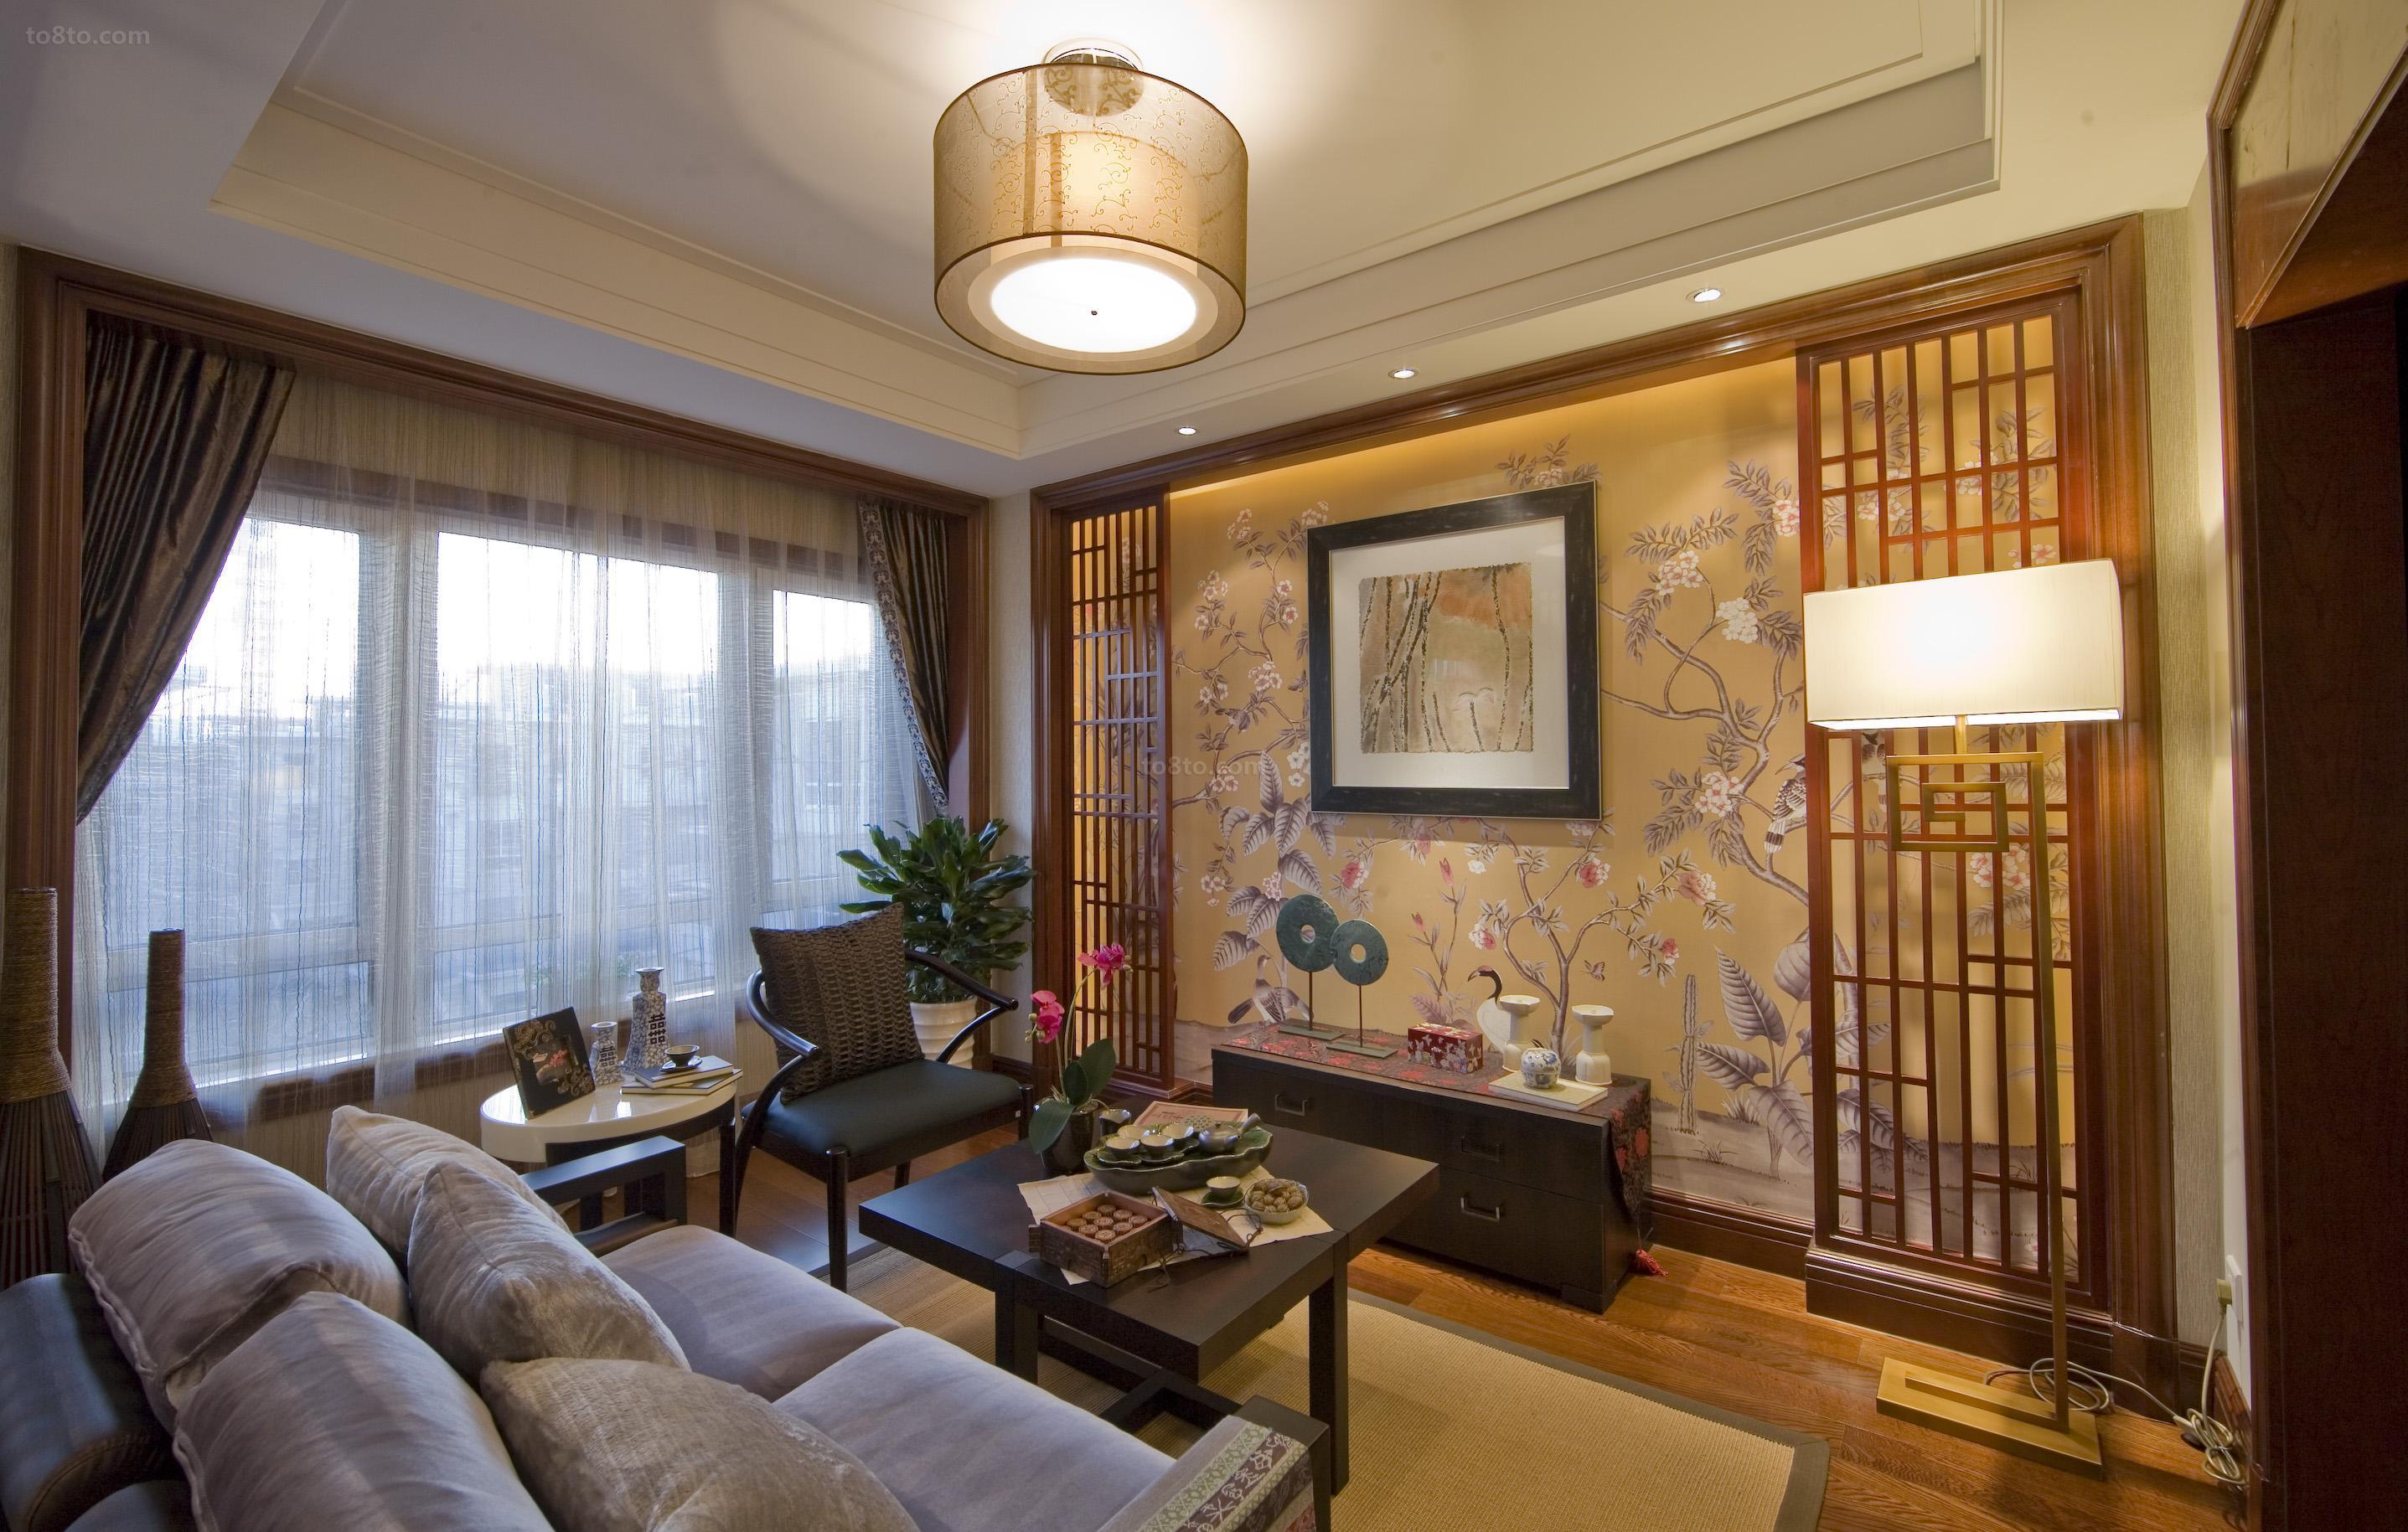 中式风格客厅装修效果图欣赏大全